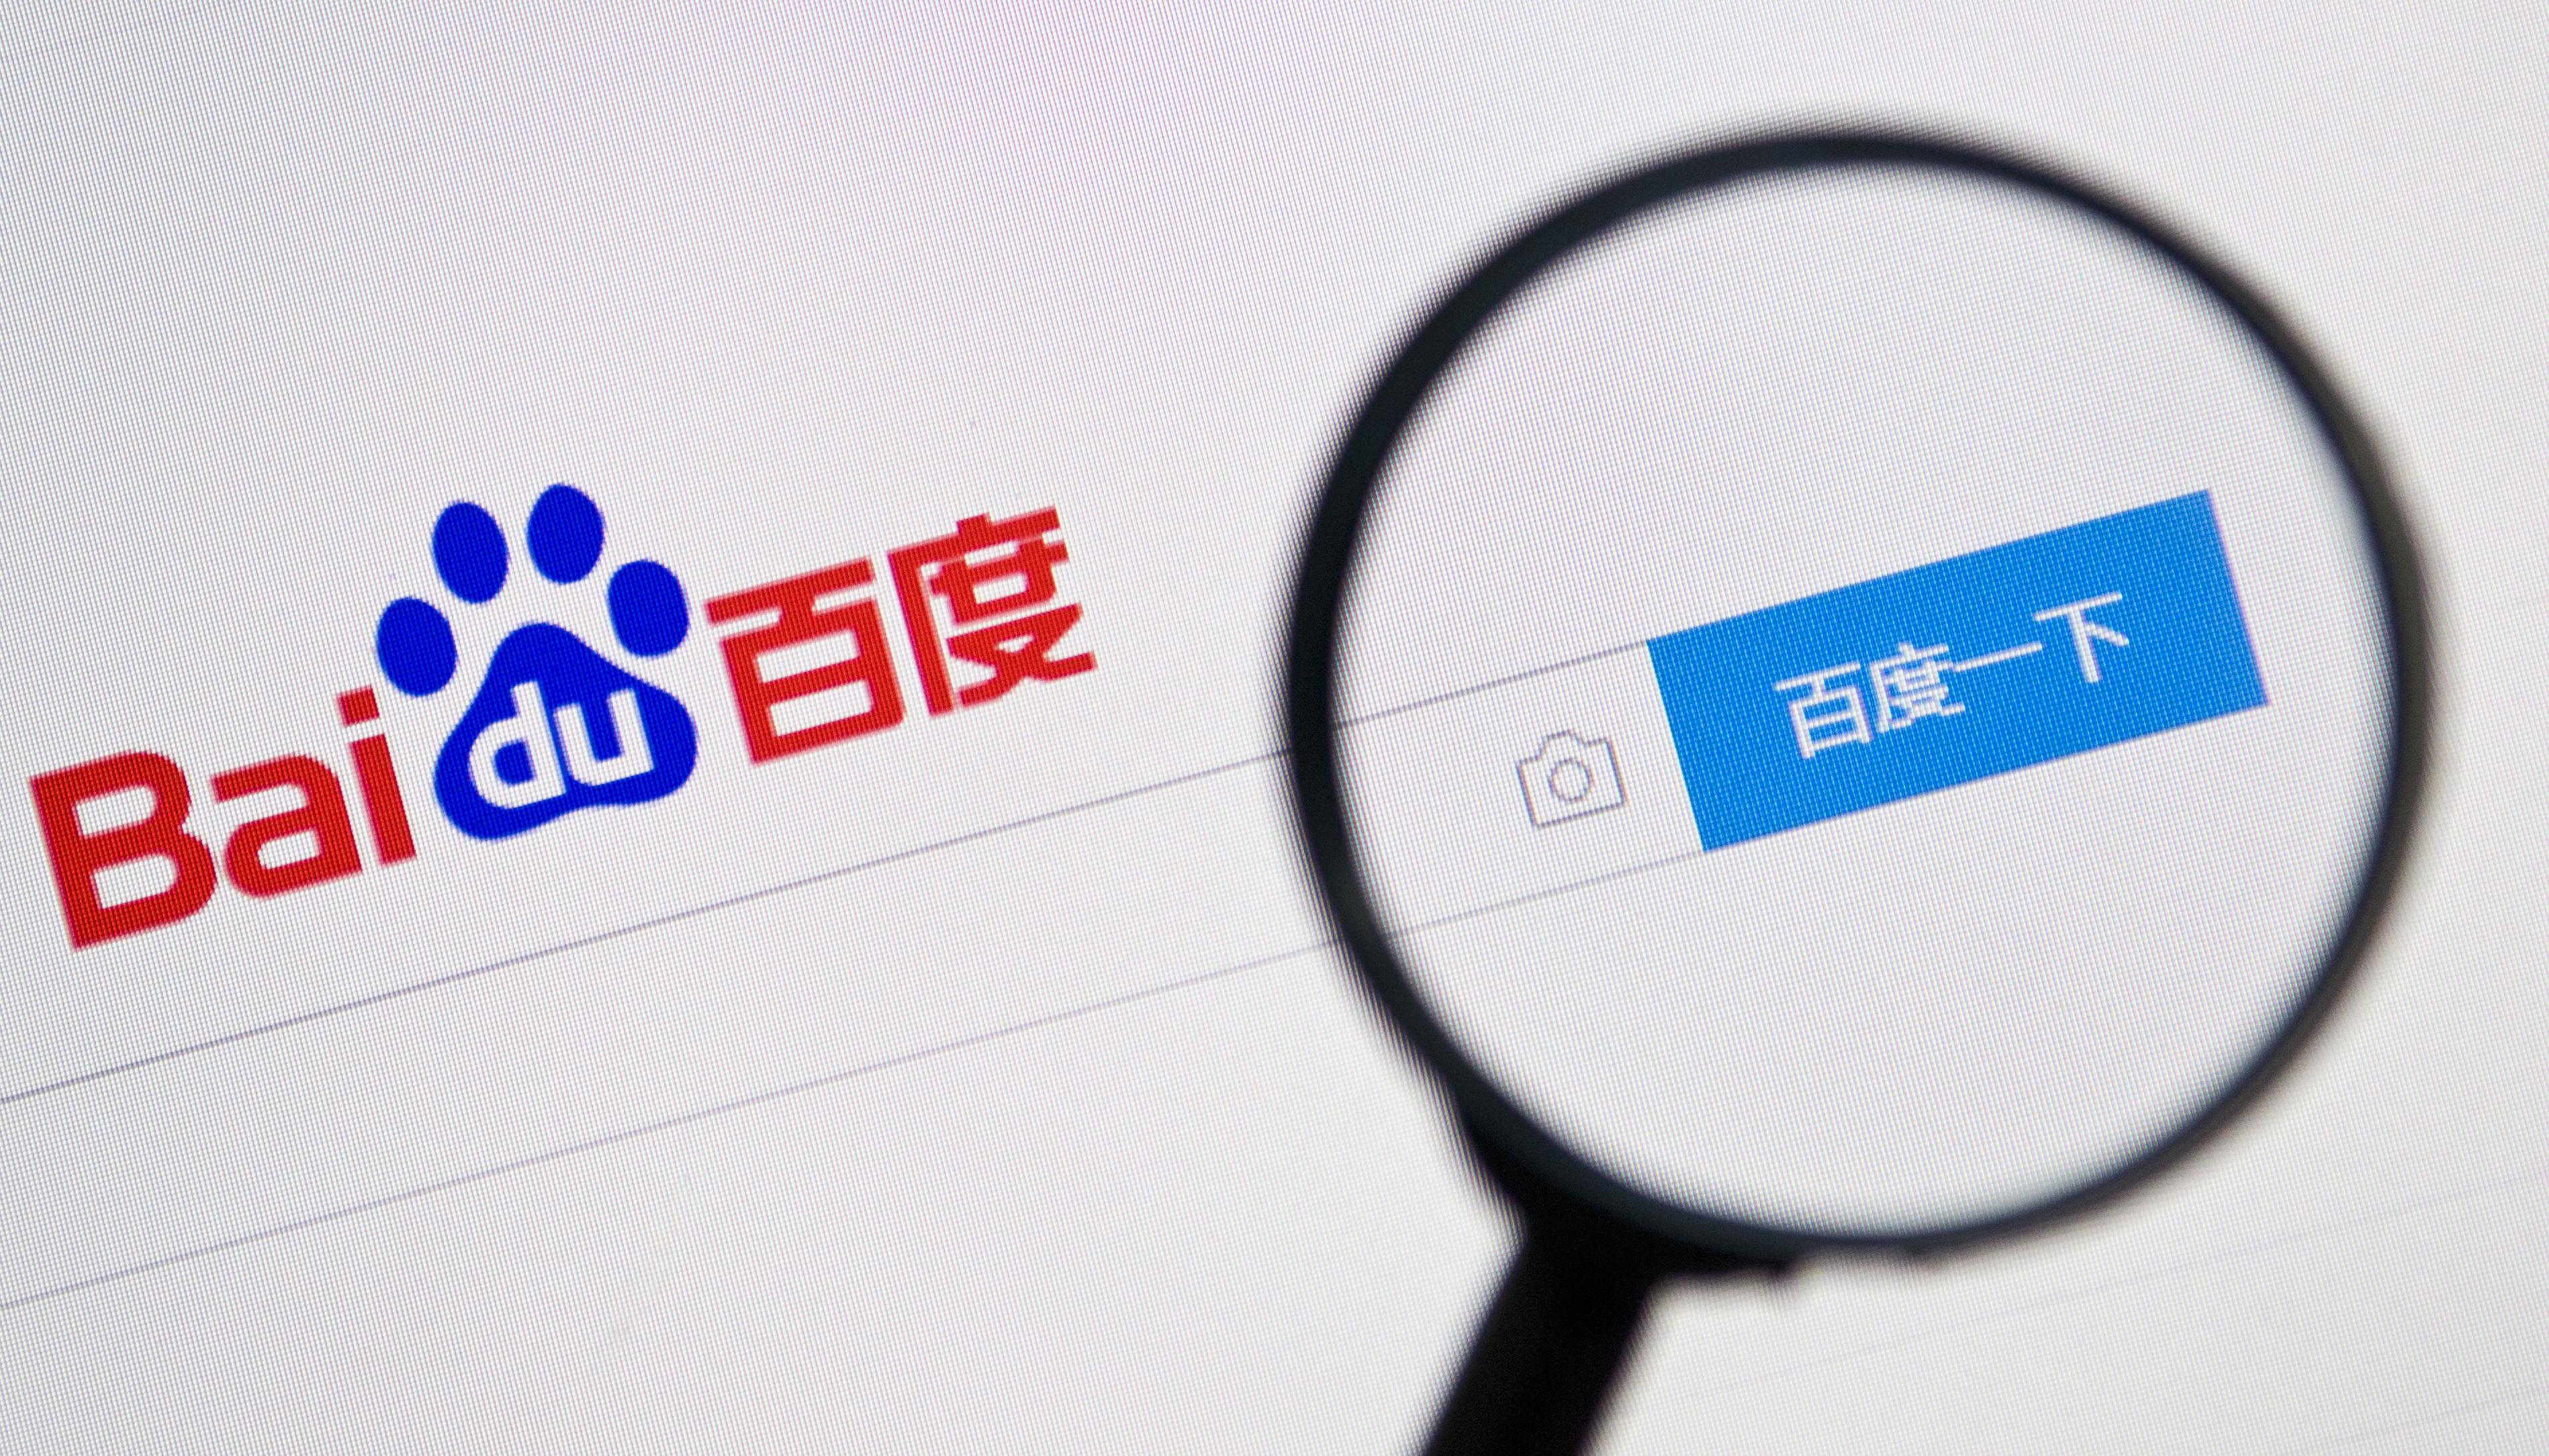 百度14.4亿投资东软控股,聚焦人工智能